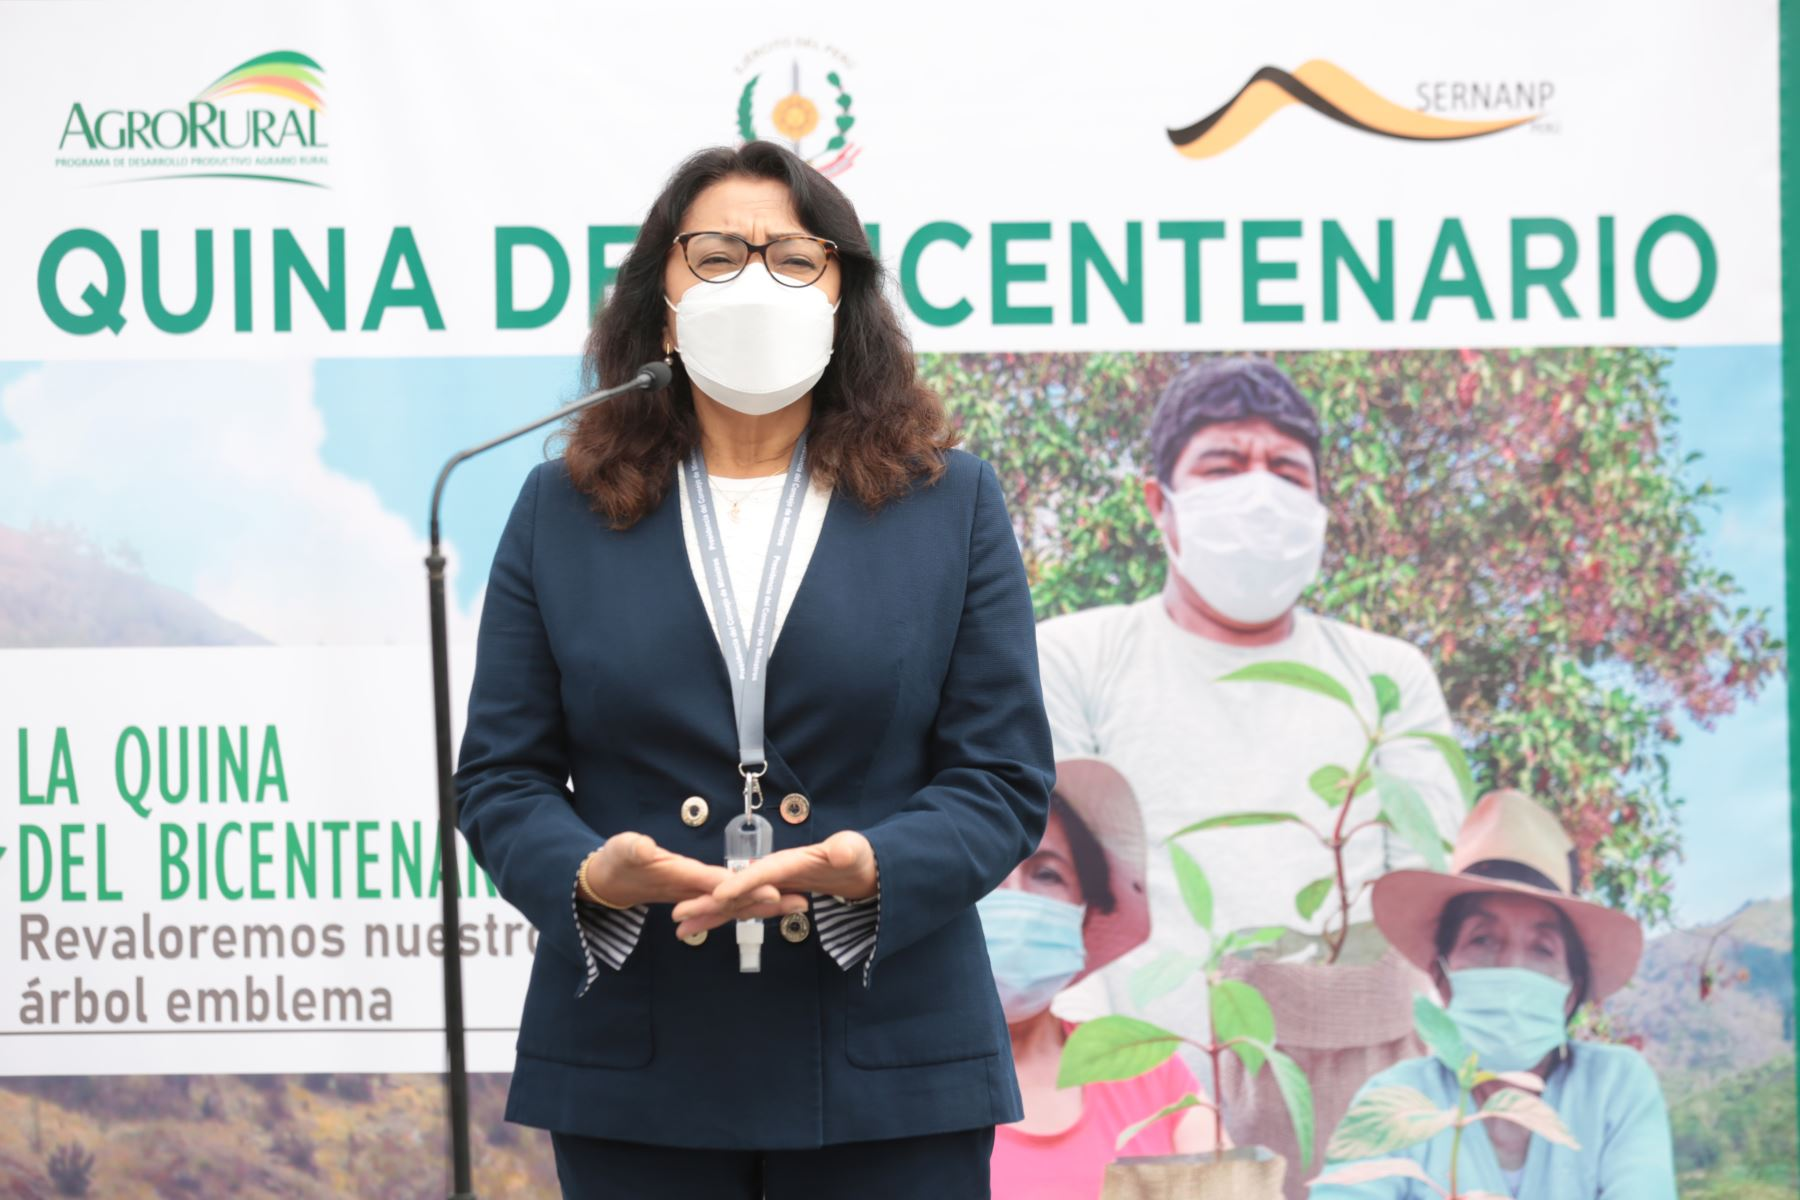 La presidenta del Consejo de Ministros. Violeta Bermudez, lidera el lanzamiento de la campaña nacional Revaloremos el Árbol de la Quina del Bicentenario, en el marco del Día de laTierra y el Año del Bicentenario. La acompañan la viceministra del Ministerio de Agricultura y el alcalde de la  Municipalidad de LimaJorge Muñoz. Foto:ANDINA/PCM